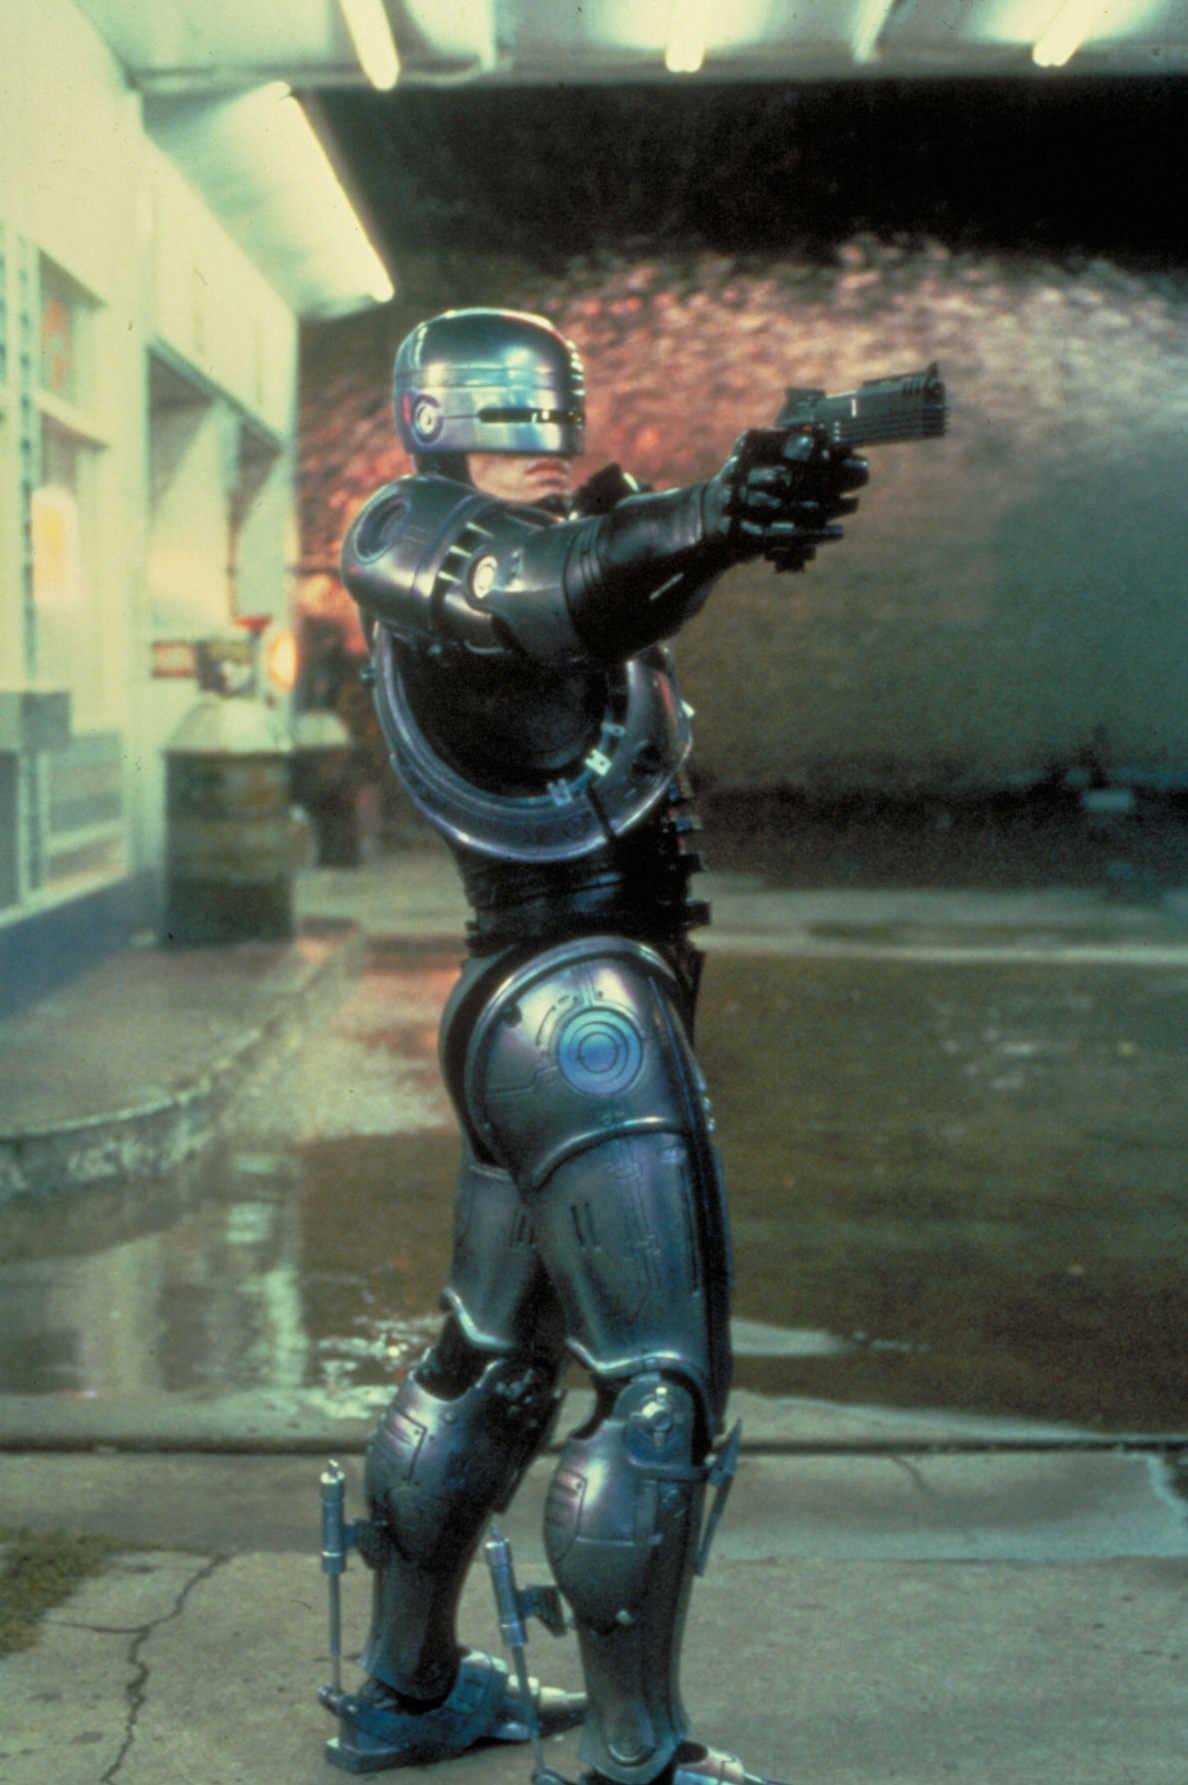 もしも、A.I.が発達したらどうなる? 参考になる!? 近未来SF映画5選!